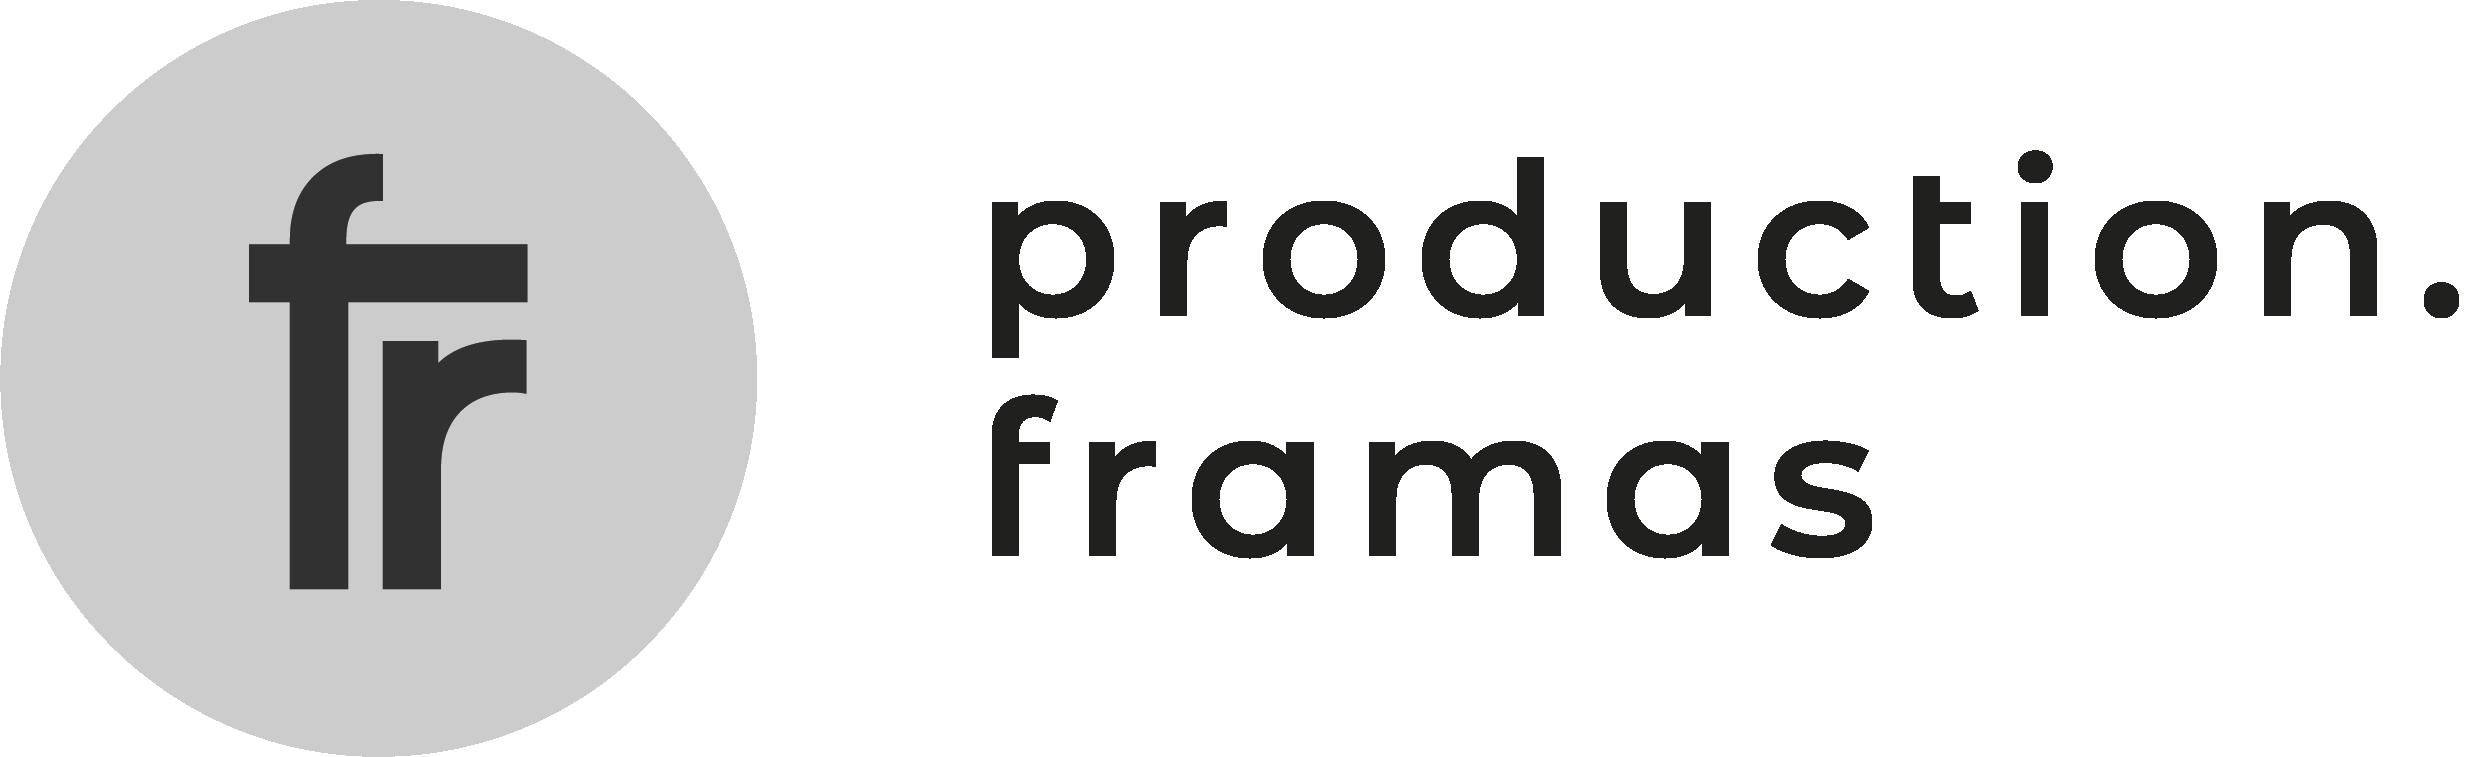 innovation.framas Logo